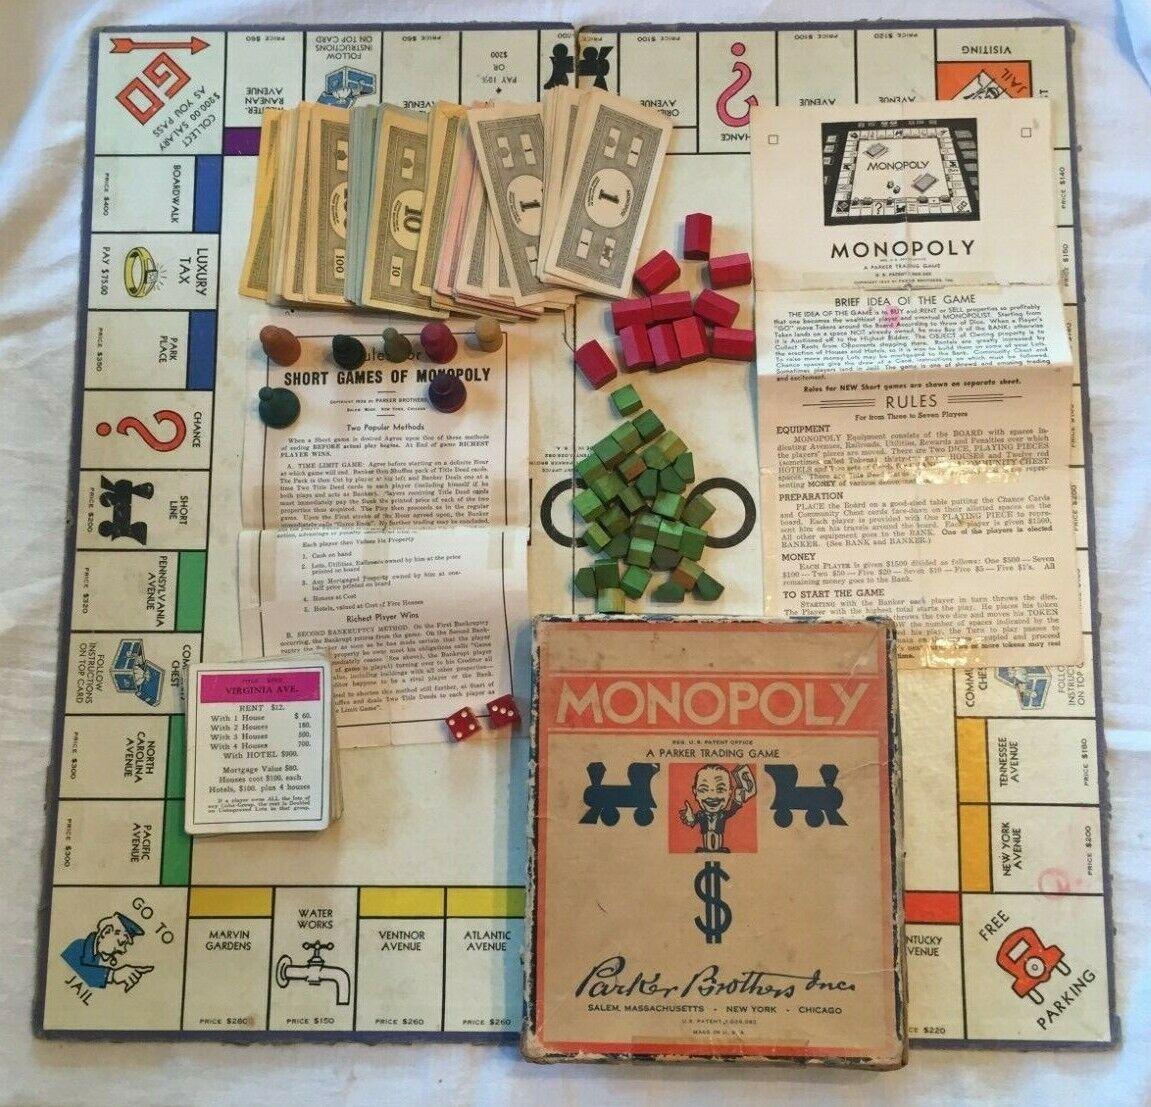 Vintage década de 1940 Monopolio Tablero de Juego con casas de madera Moteles peones hechos dinegro en efectivo